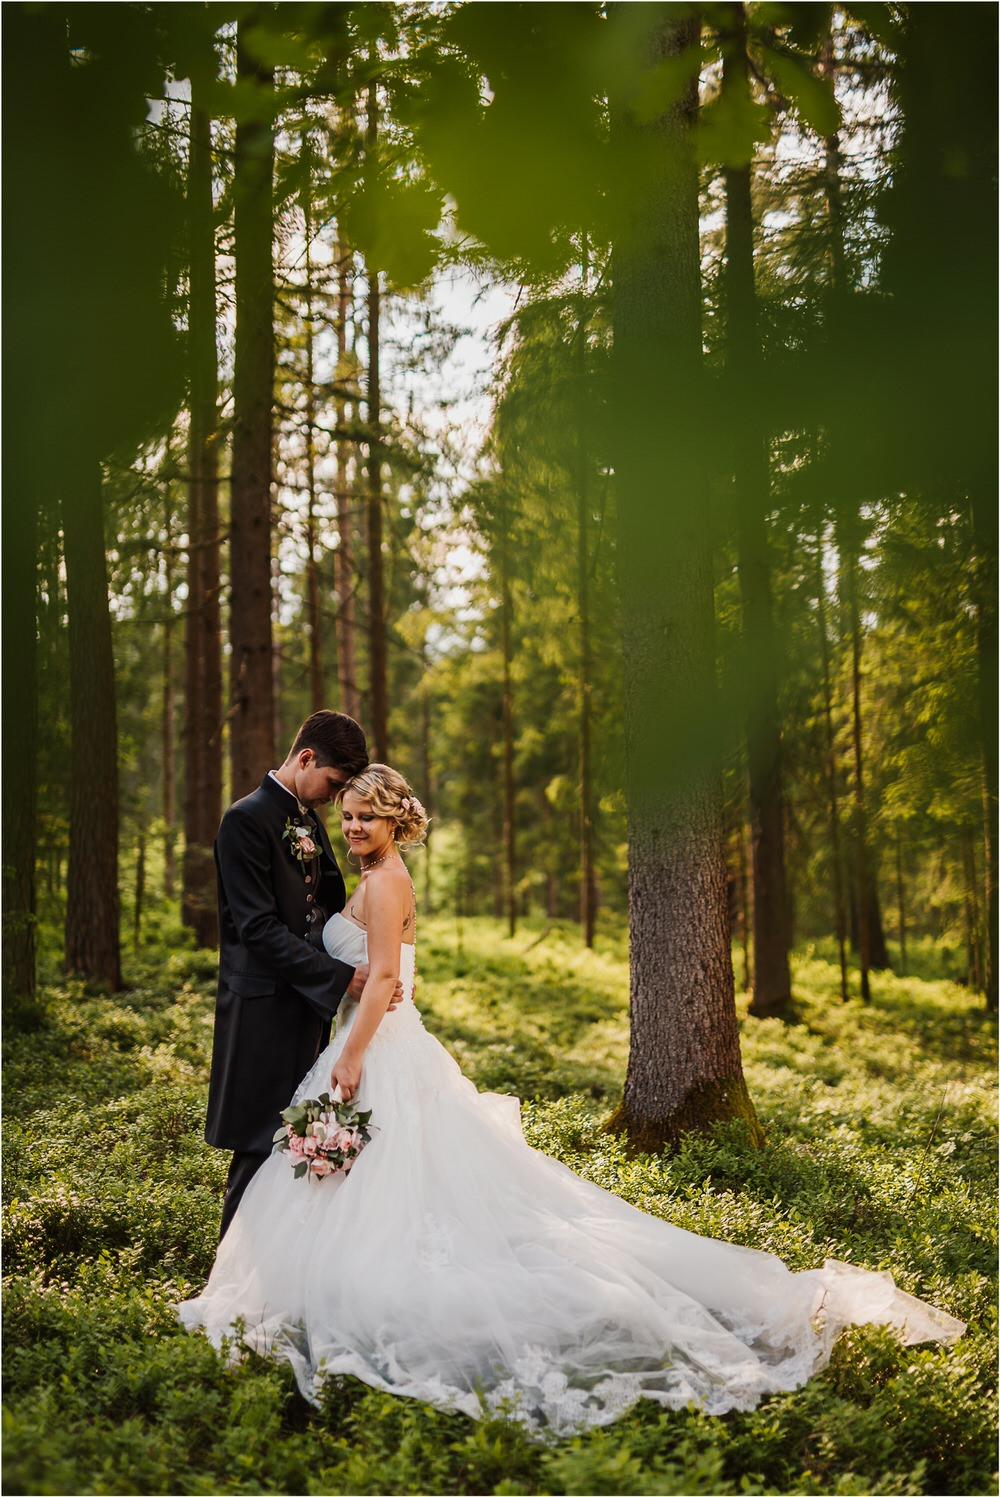 trippelgut kaernten oesterreich hochzeit fotograf phtoographer austria elegant wedding hochzeitsfotograf hochzeitsfotografie 0104.jpg